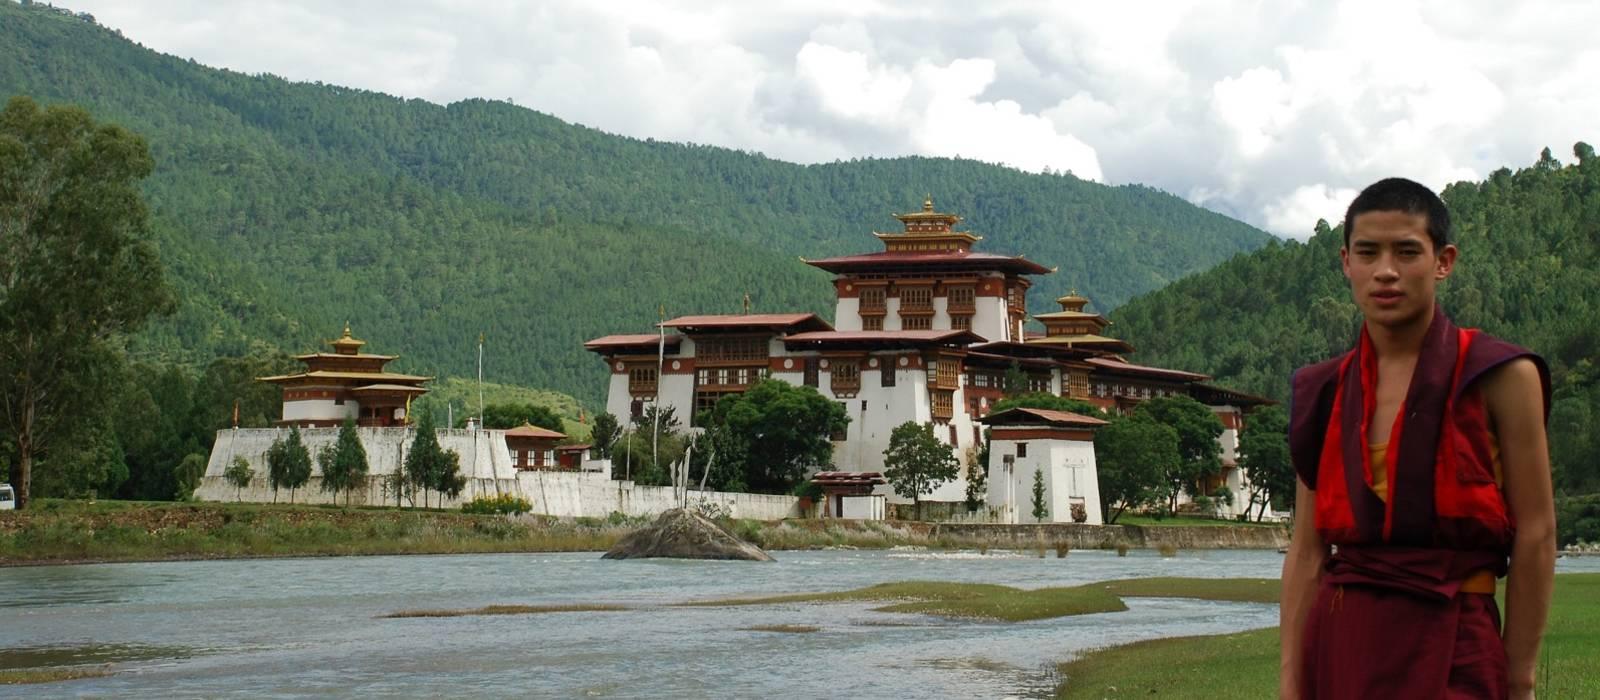 Himalaya und Inselparadies – Bhutan und Thailand Luxusreise Urlaub 1